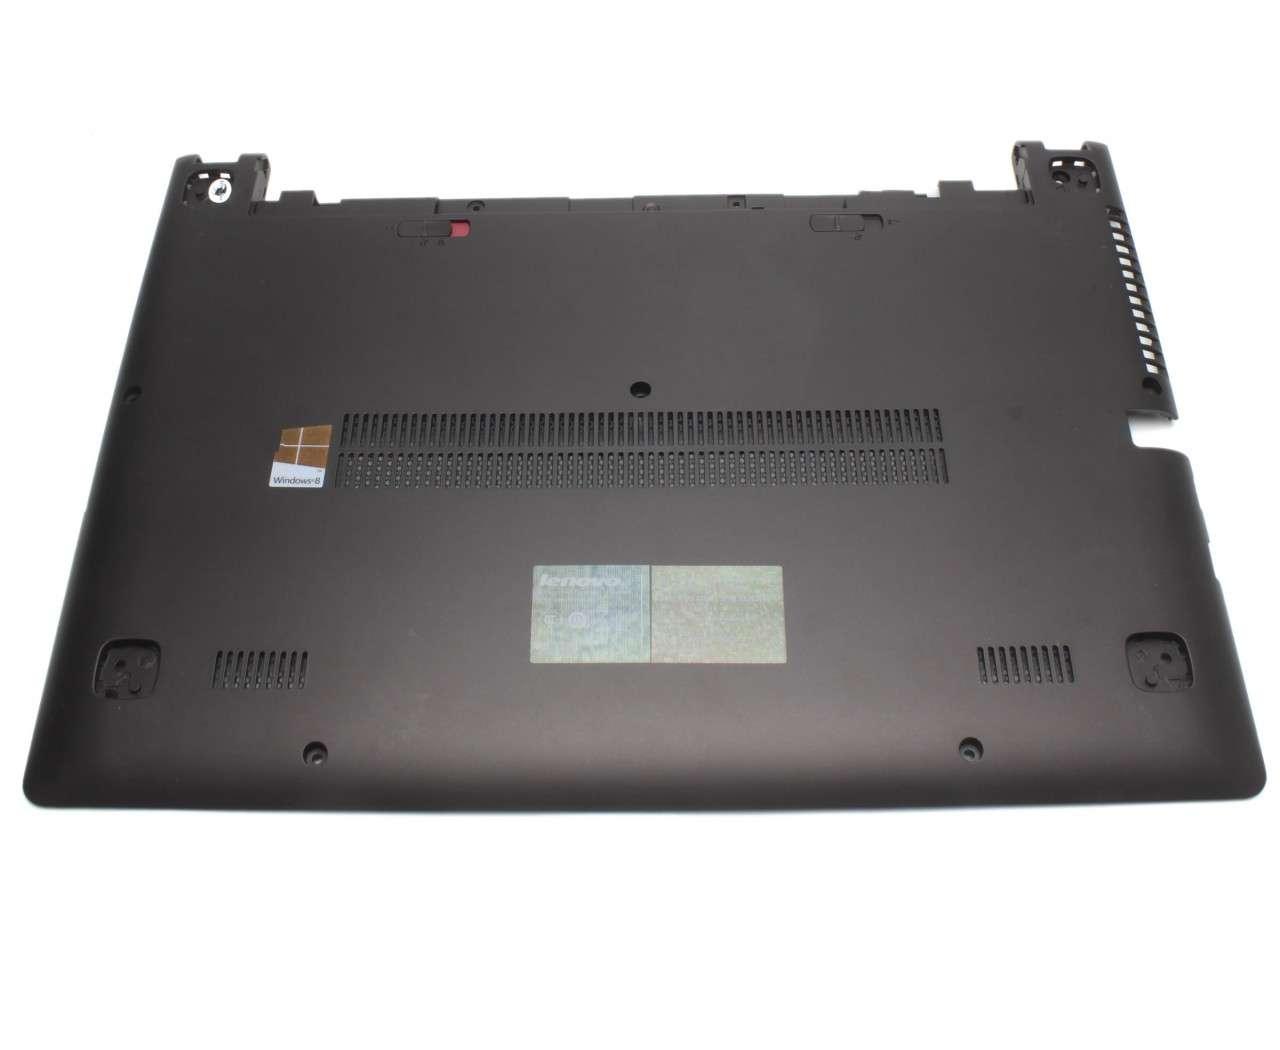 Bottom Case Lenovo AP0SB000650HYT10A45E0005837 Carcasa Inferioara Neagra imagine powerlaptop.ro 2021